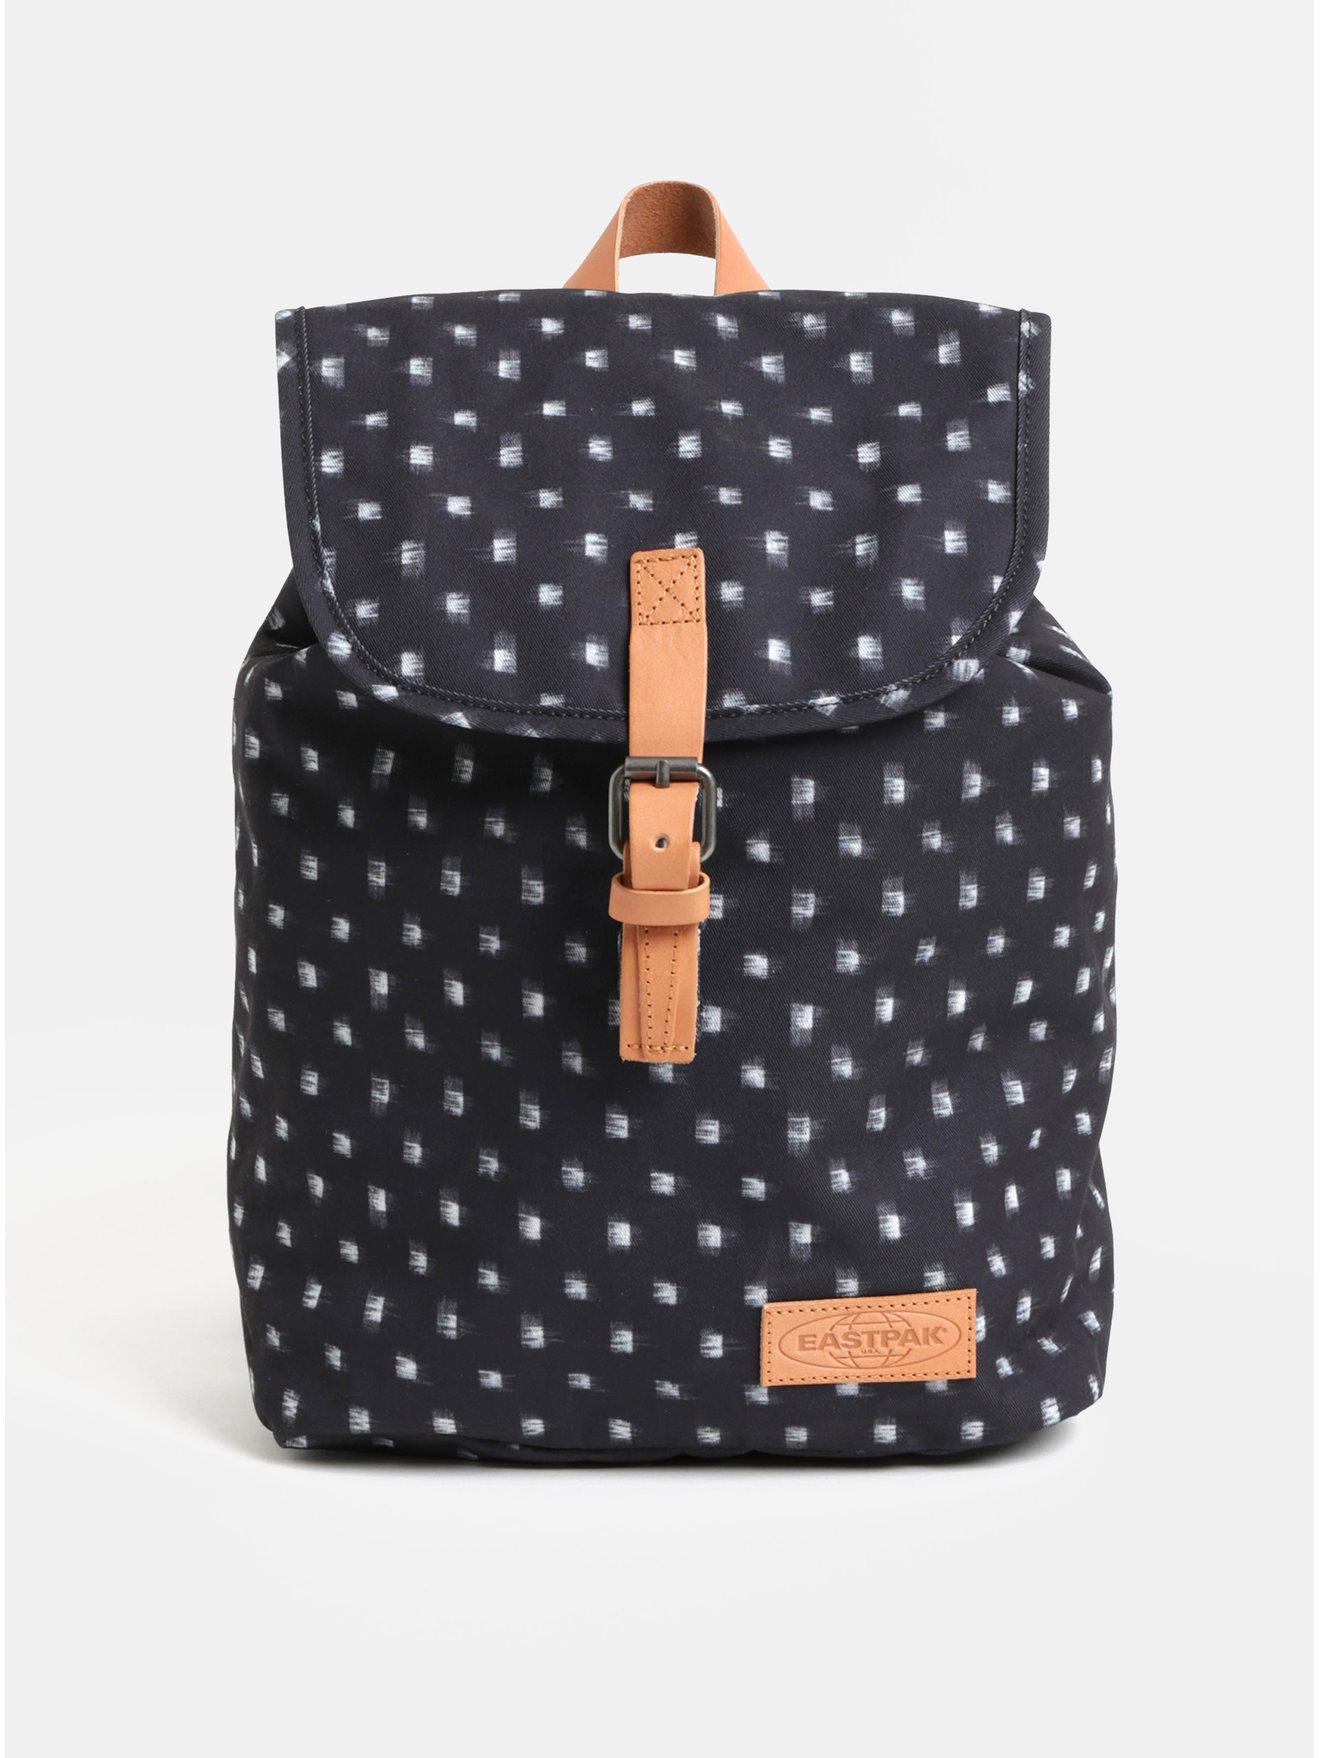 Tmavě šedý dámský vzorovaný batoh s koženými detaily Eastpak Aminimal 10.5 l dda3142ded